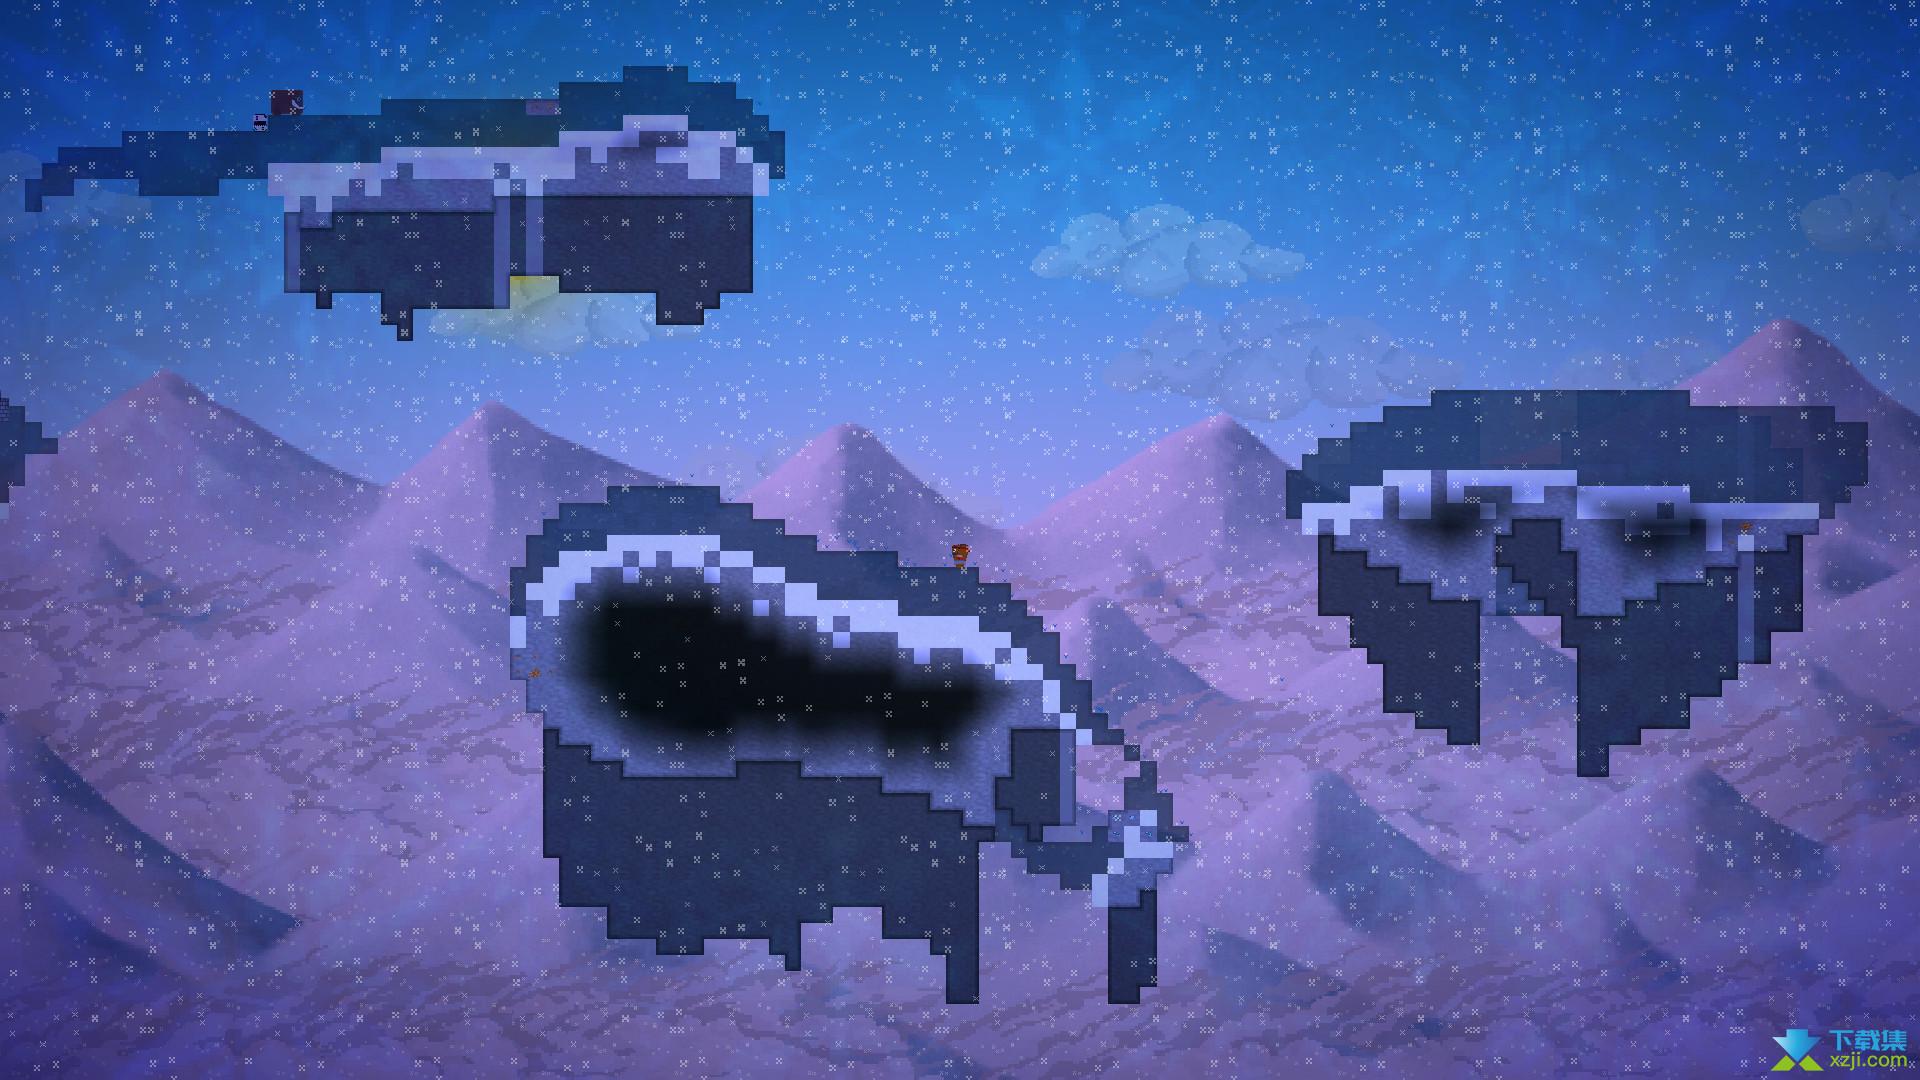 非像素方块世界界面1